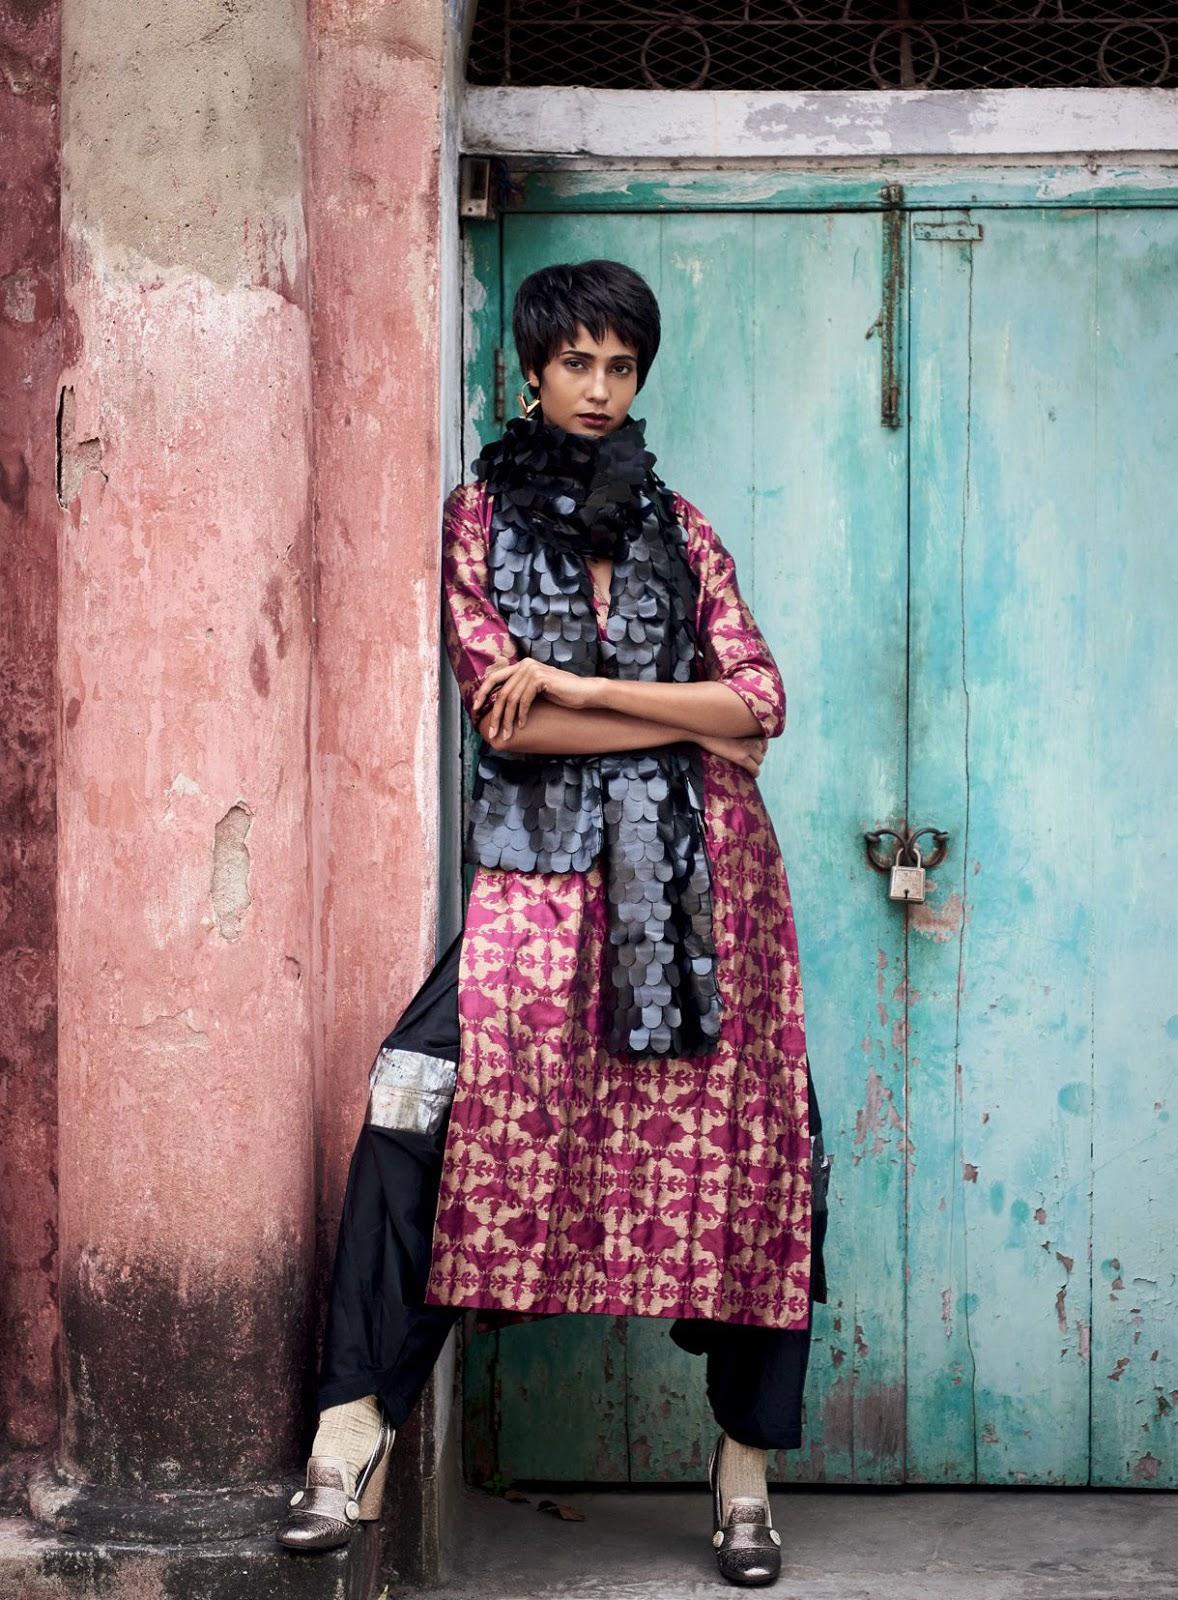 Harper_s_Bazaar_India_-_December_2016-154.jpg